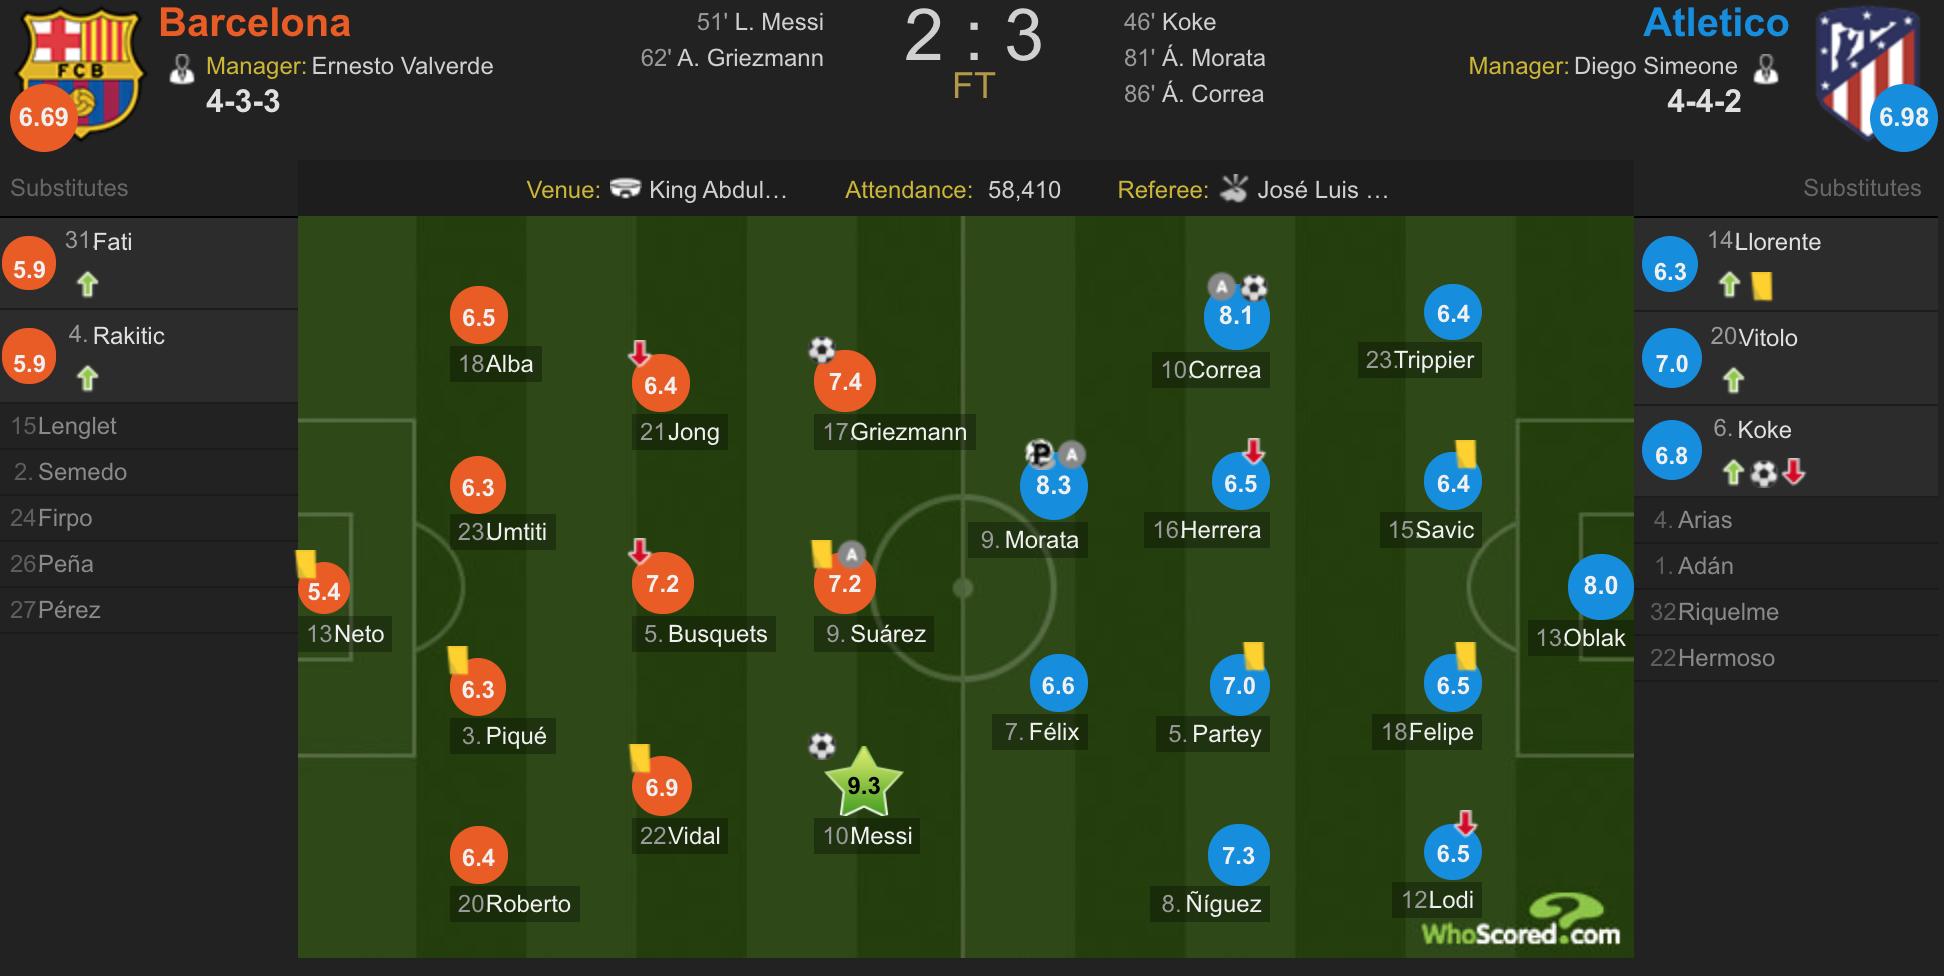 巴萨vs马竞赛后评分:梅西9.3全场最佳,科雷亚献绝杀8.1